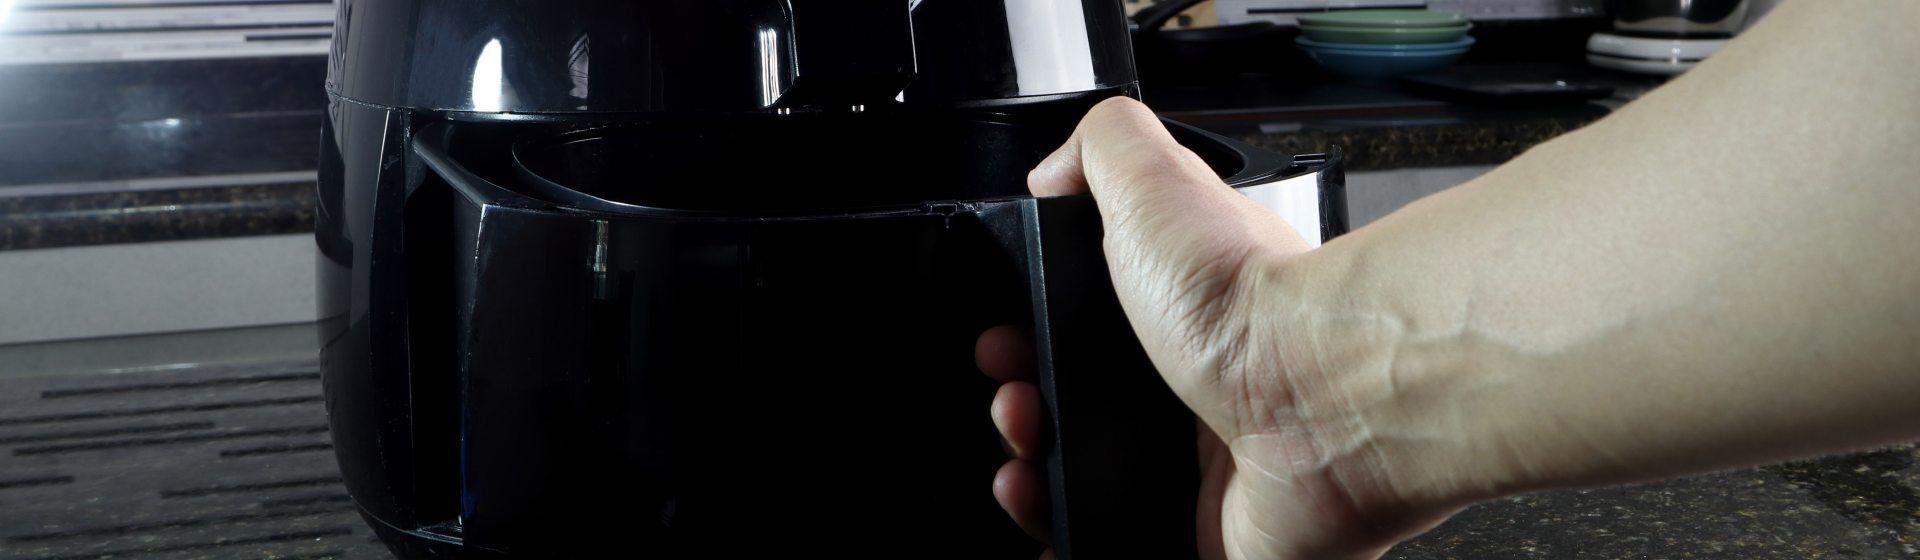 Air fryer 5 litros, 4 litros ou 3 litros: como escolher a melhor para a sua casa?